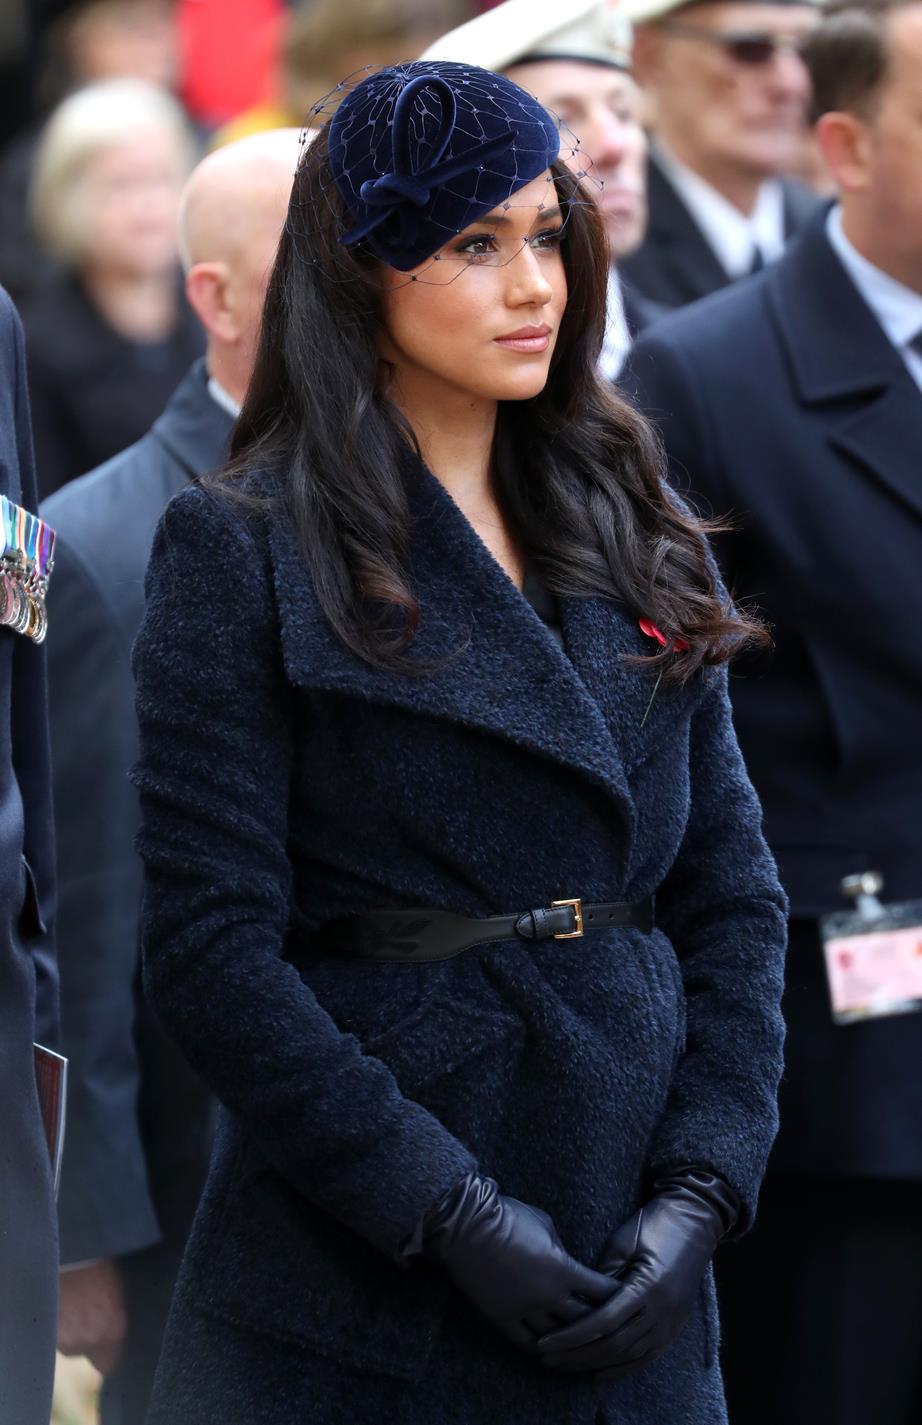 Фото: Плюшевое пальто, как у Меган Маркл — обязательная покупка для поздней осени